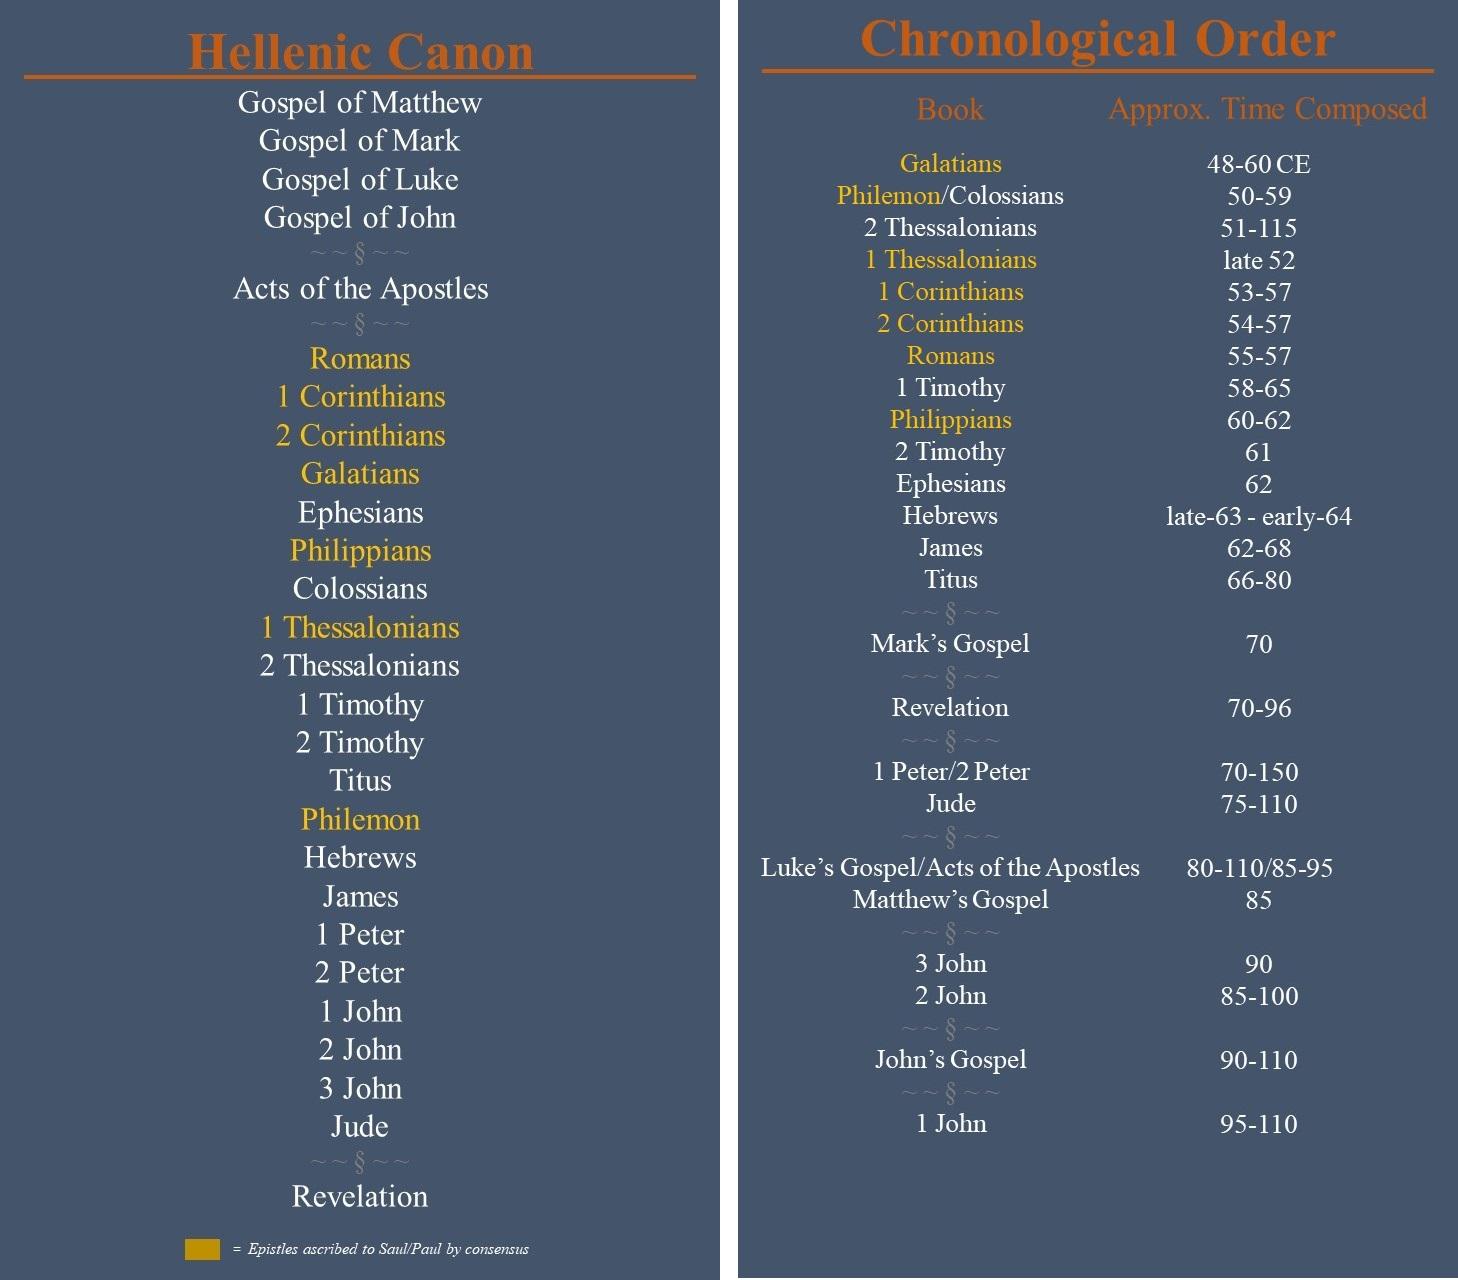 Canon-Chronologoical Comparison